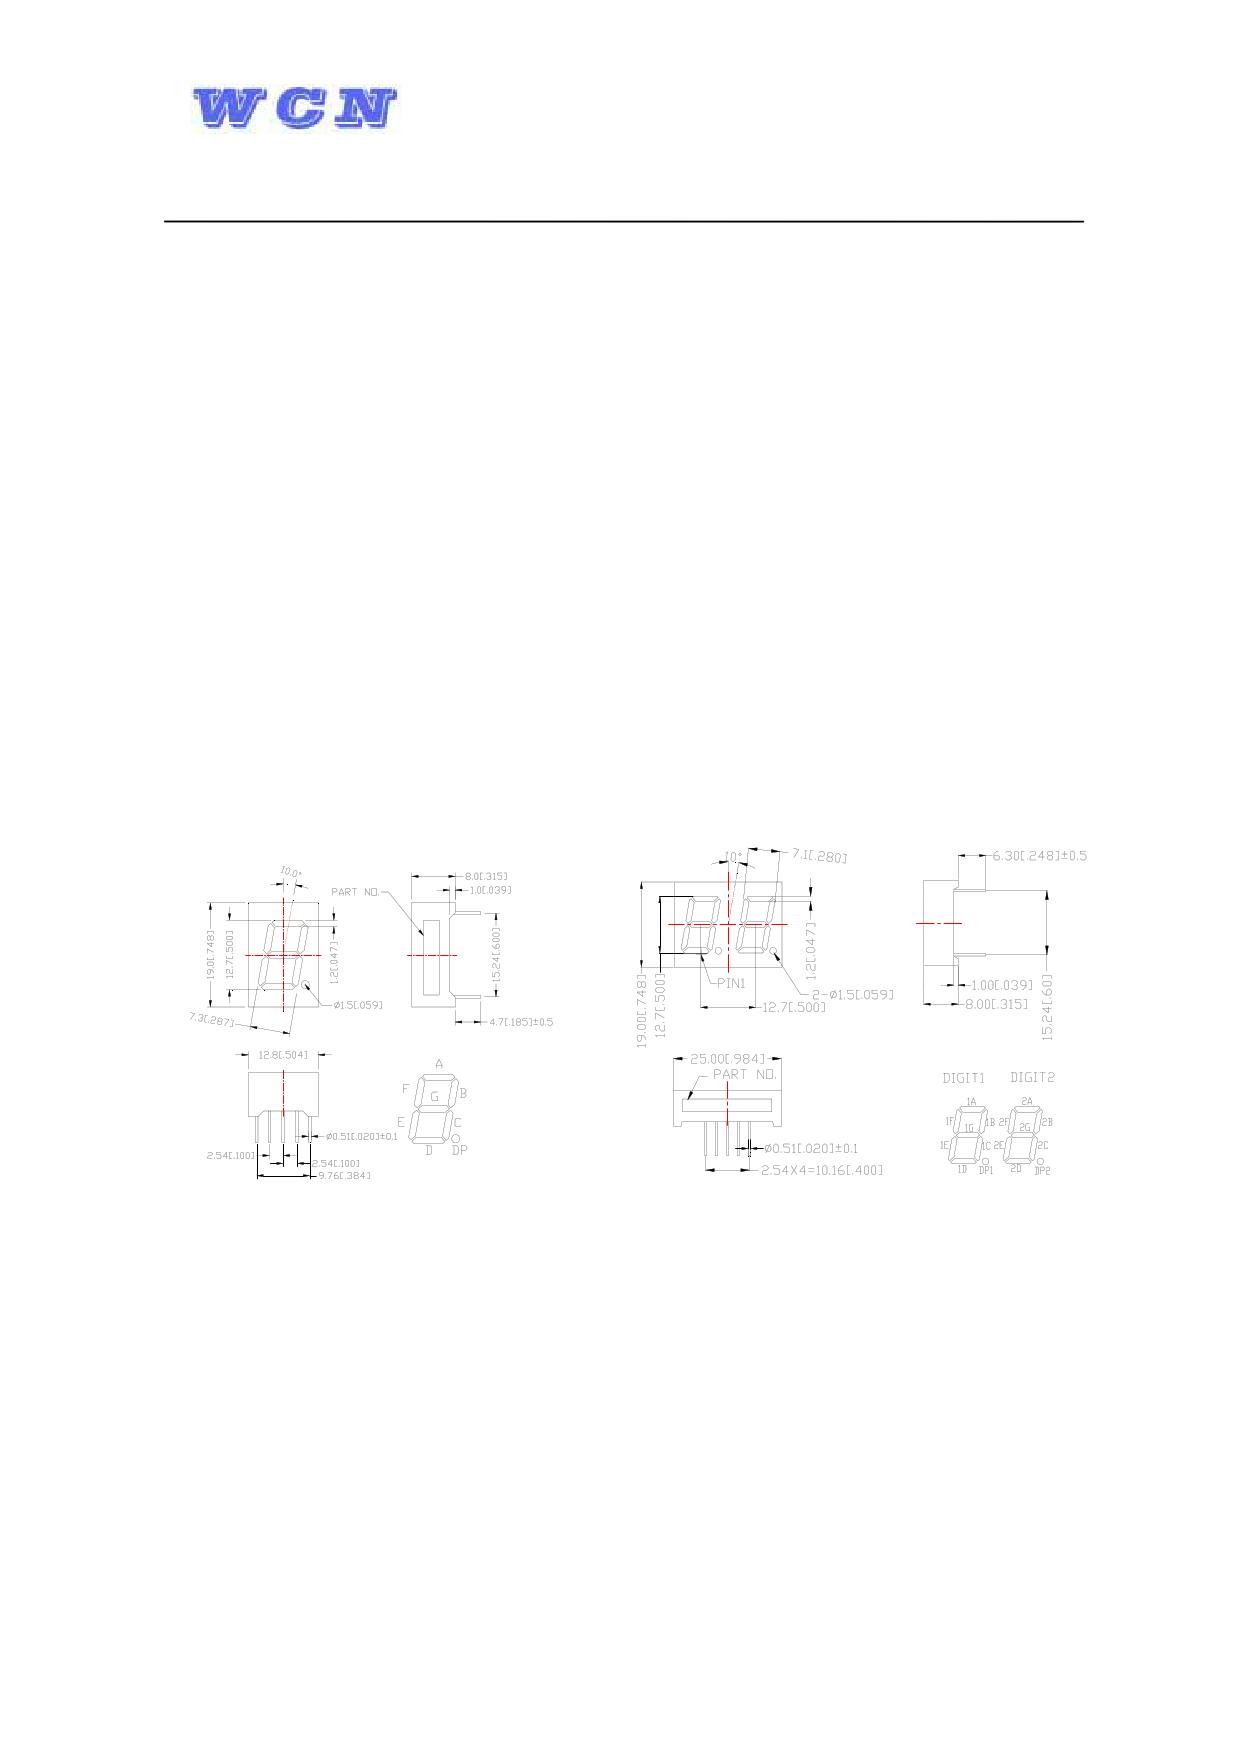 WCN3-0050SR-A11 datasheet